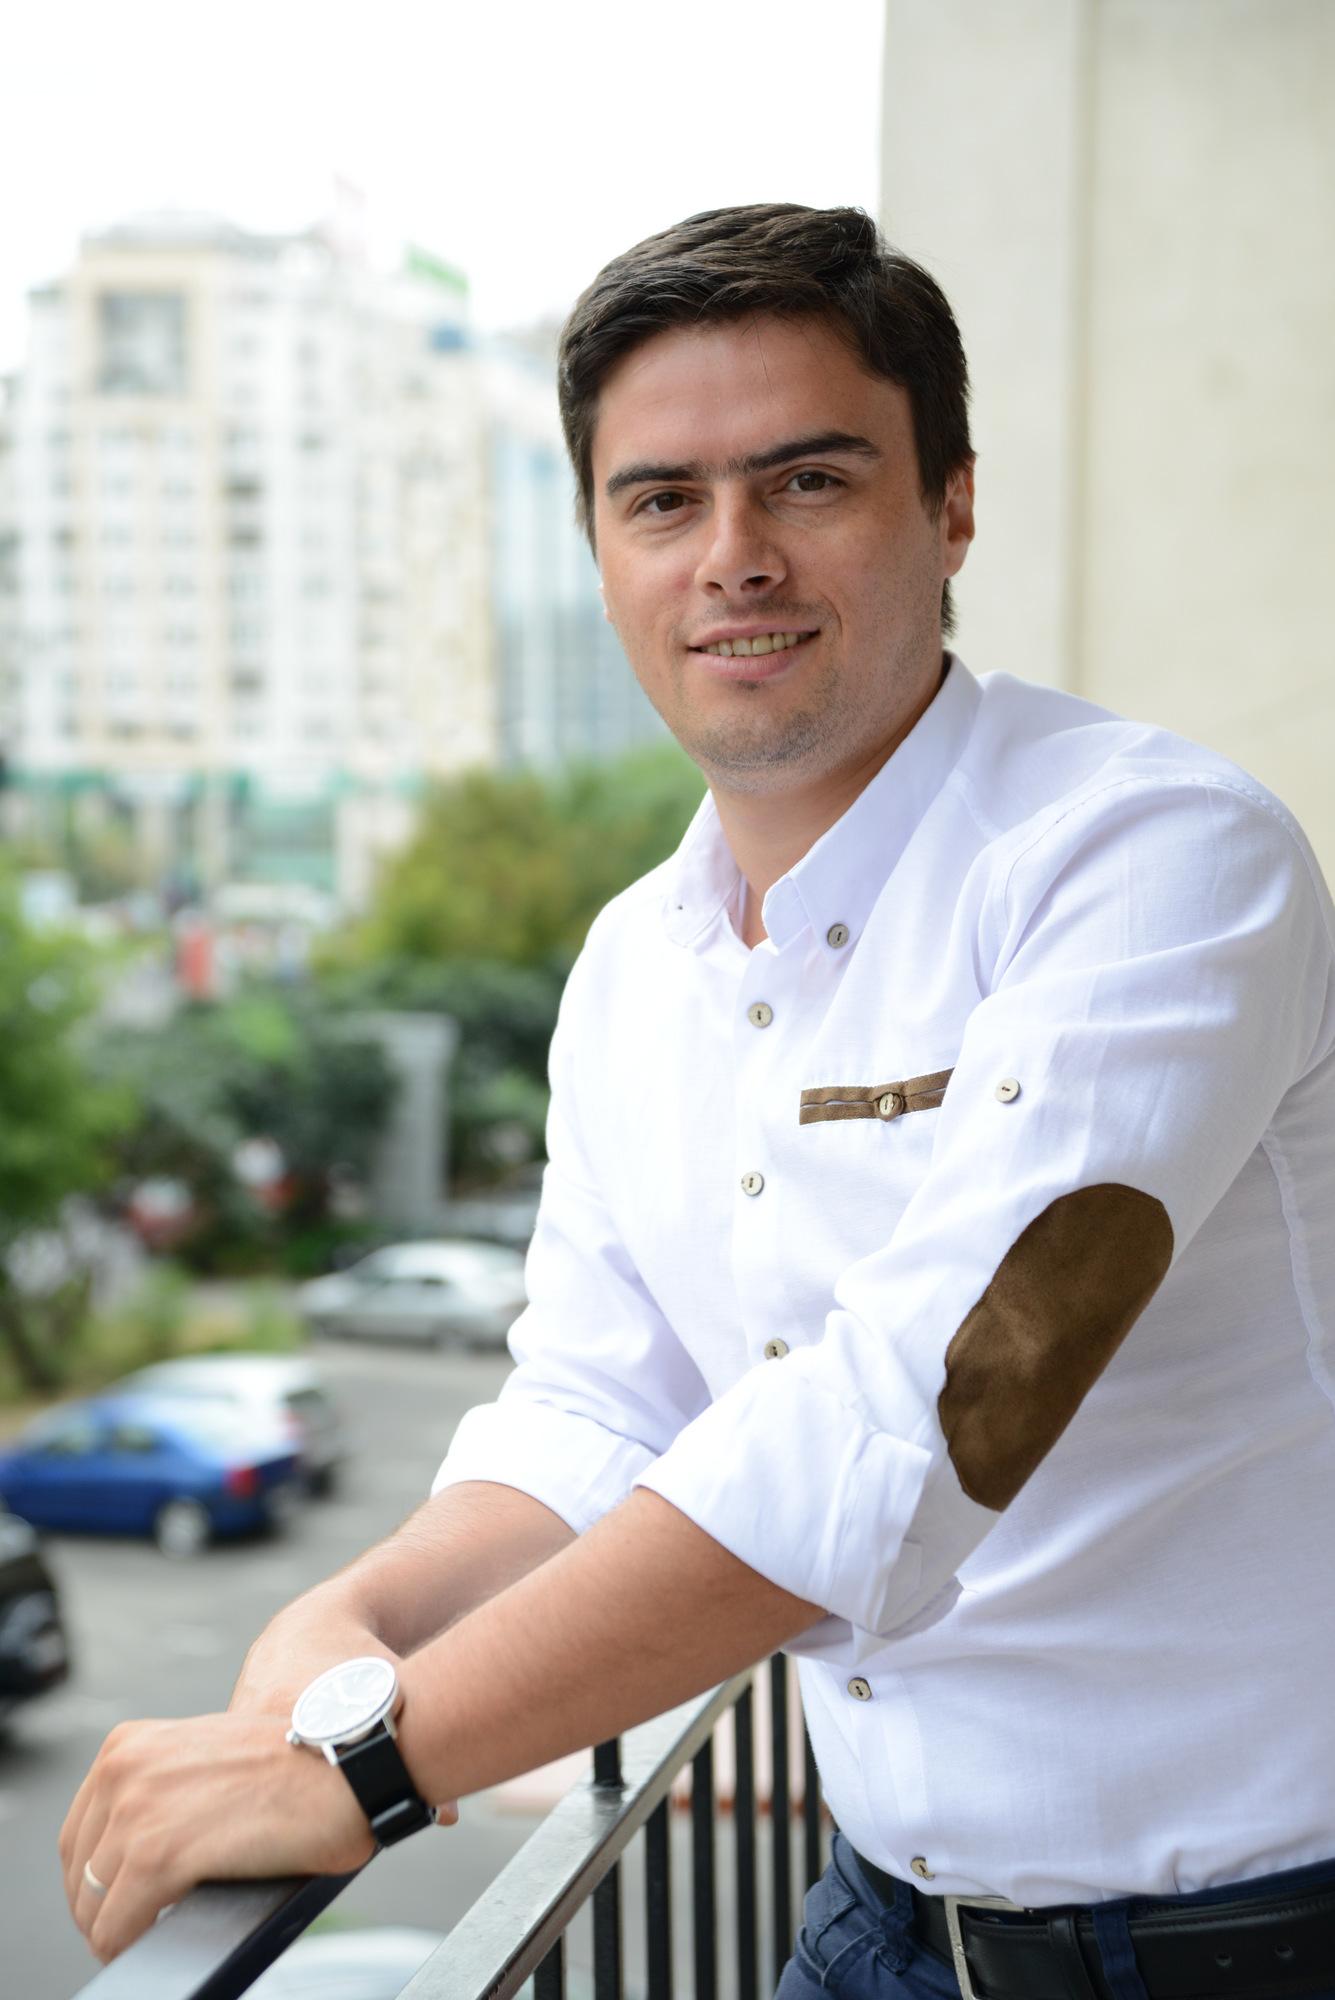 Mihai Pătraşcu, evoMAG: toamna aduce un plus de peste 20% în vânzări